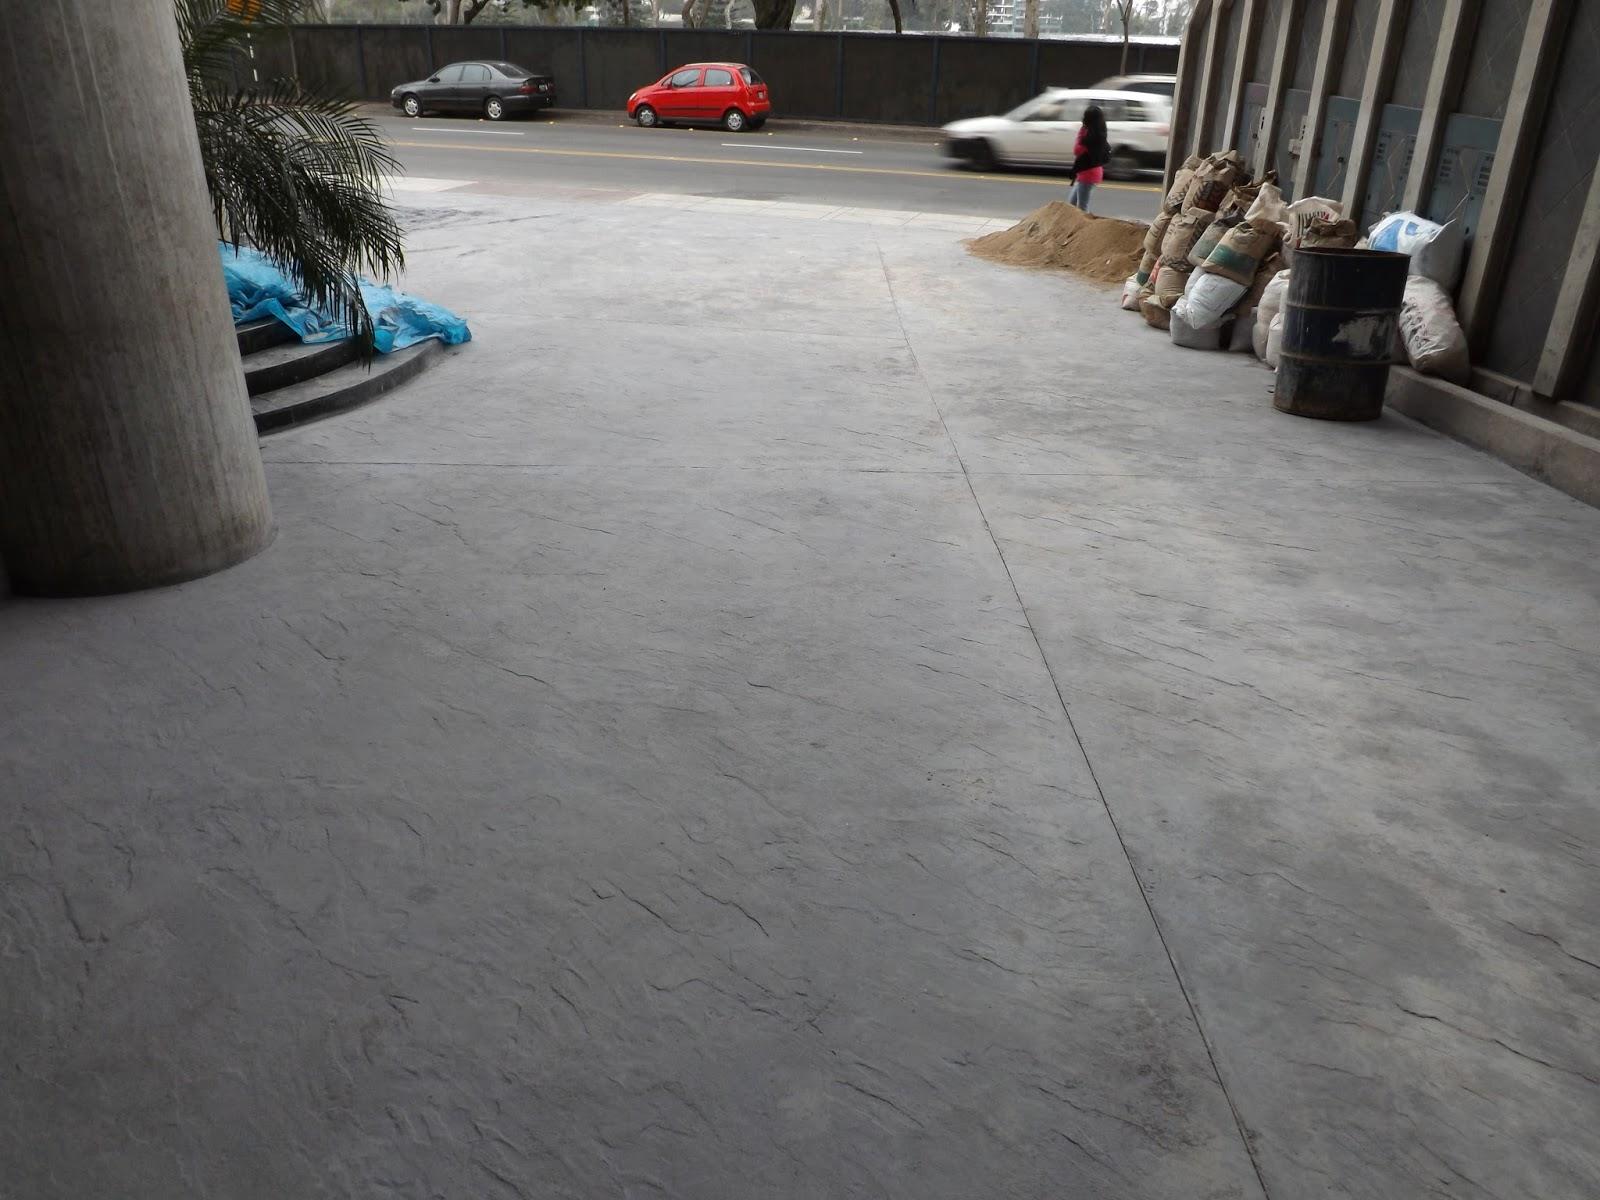 Oniria obra en proceso piso de concreto estampado for Pisos para escaleras de concreto